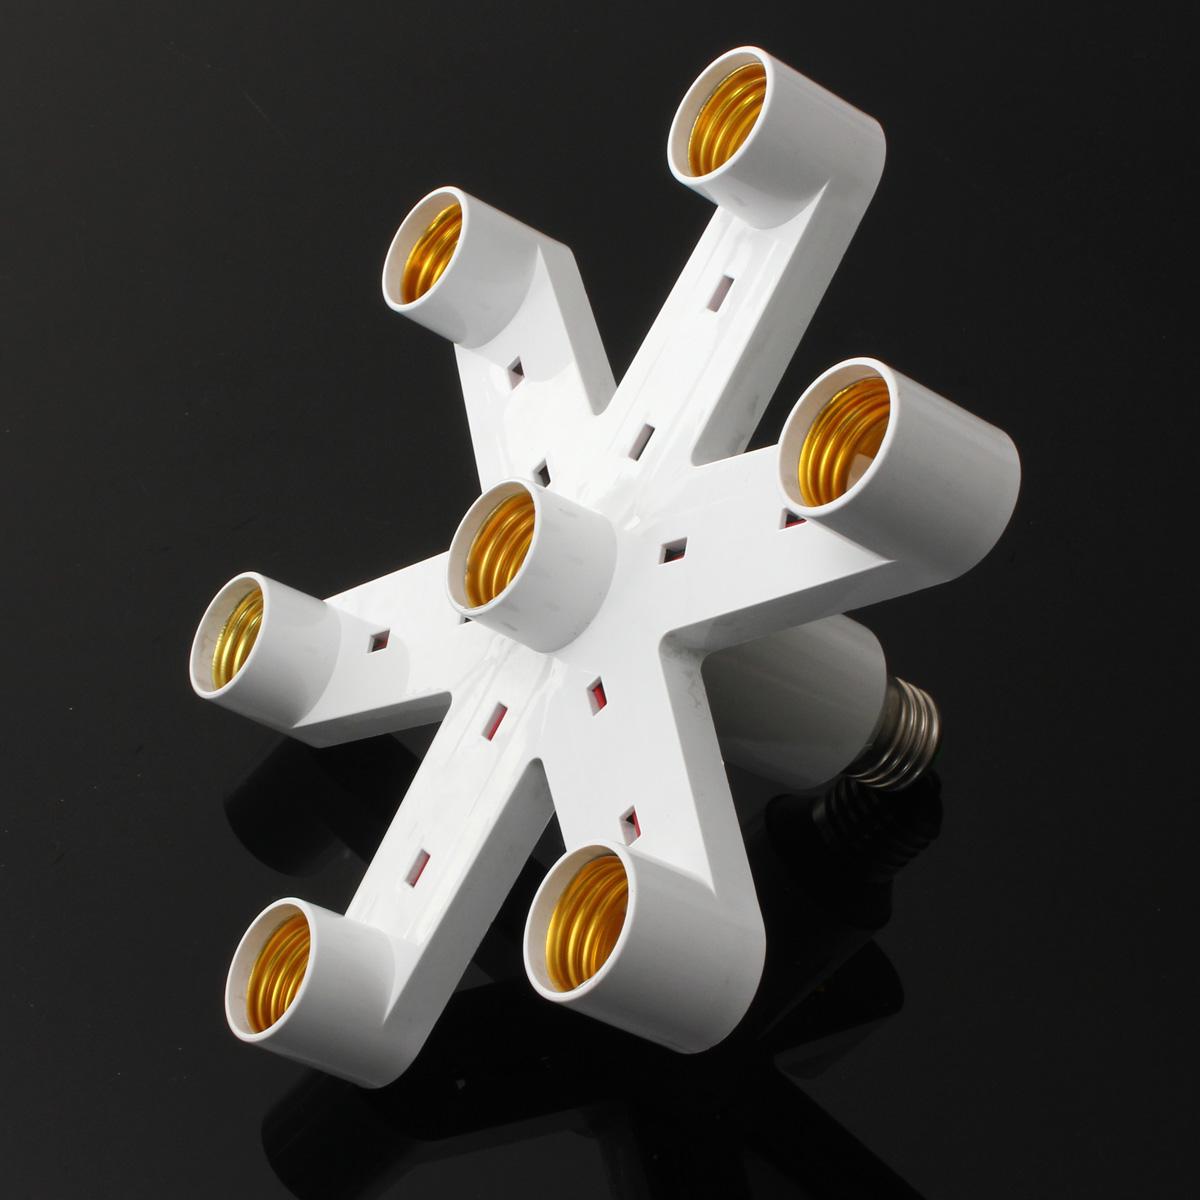 1 to 3/7 LED Lamp Light Bulb Base Socket Splitter Holder Converter Energy Saving